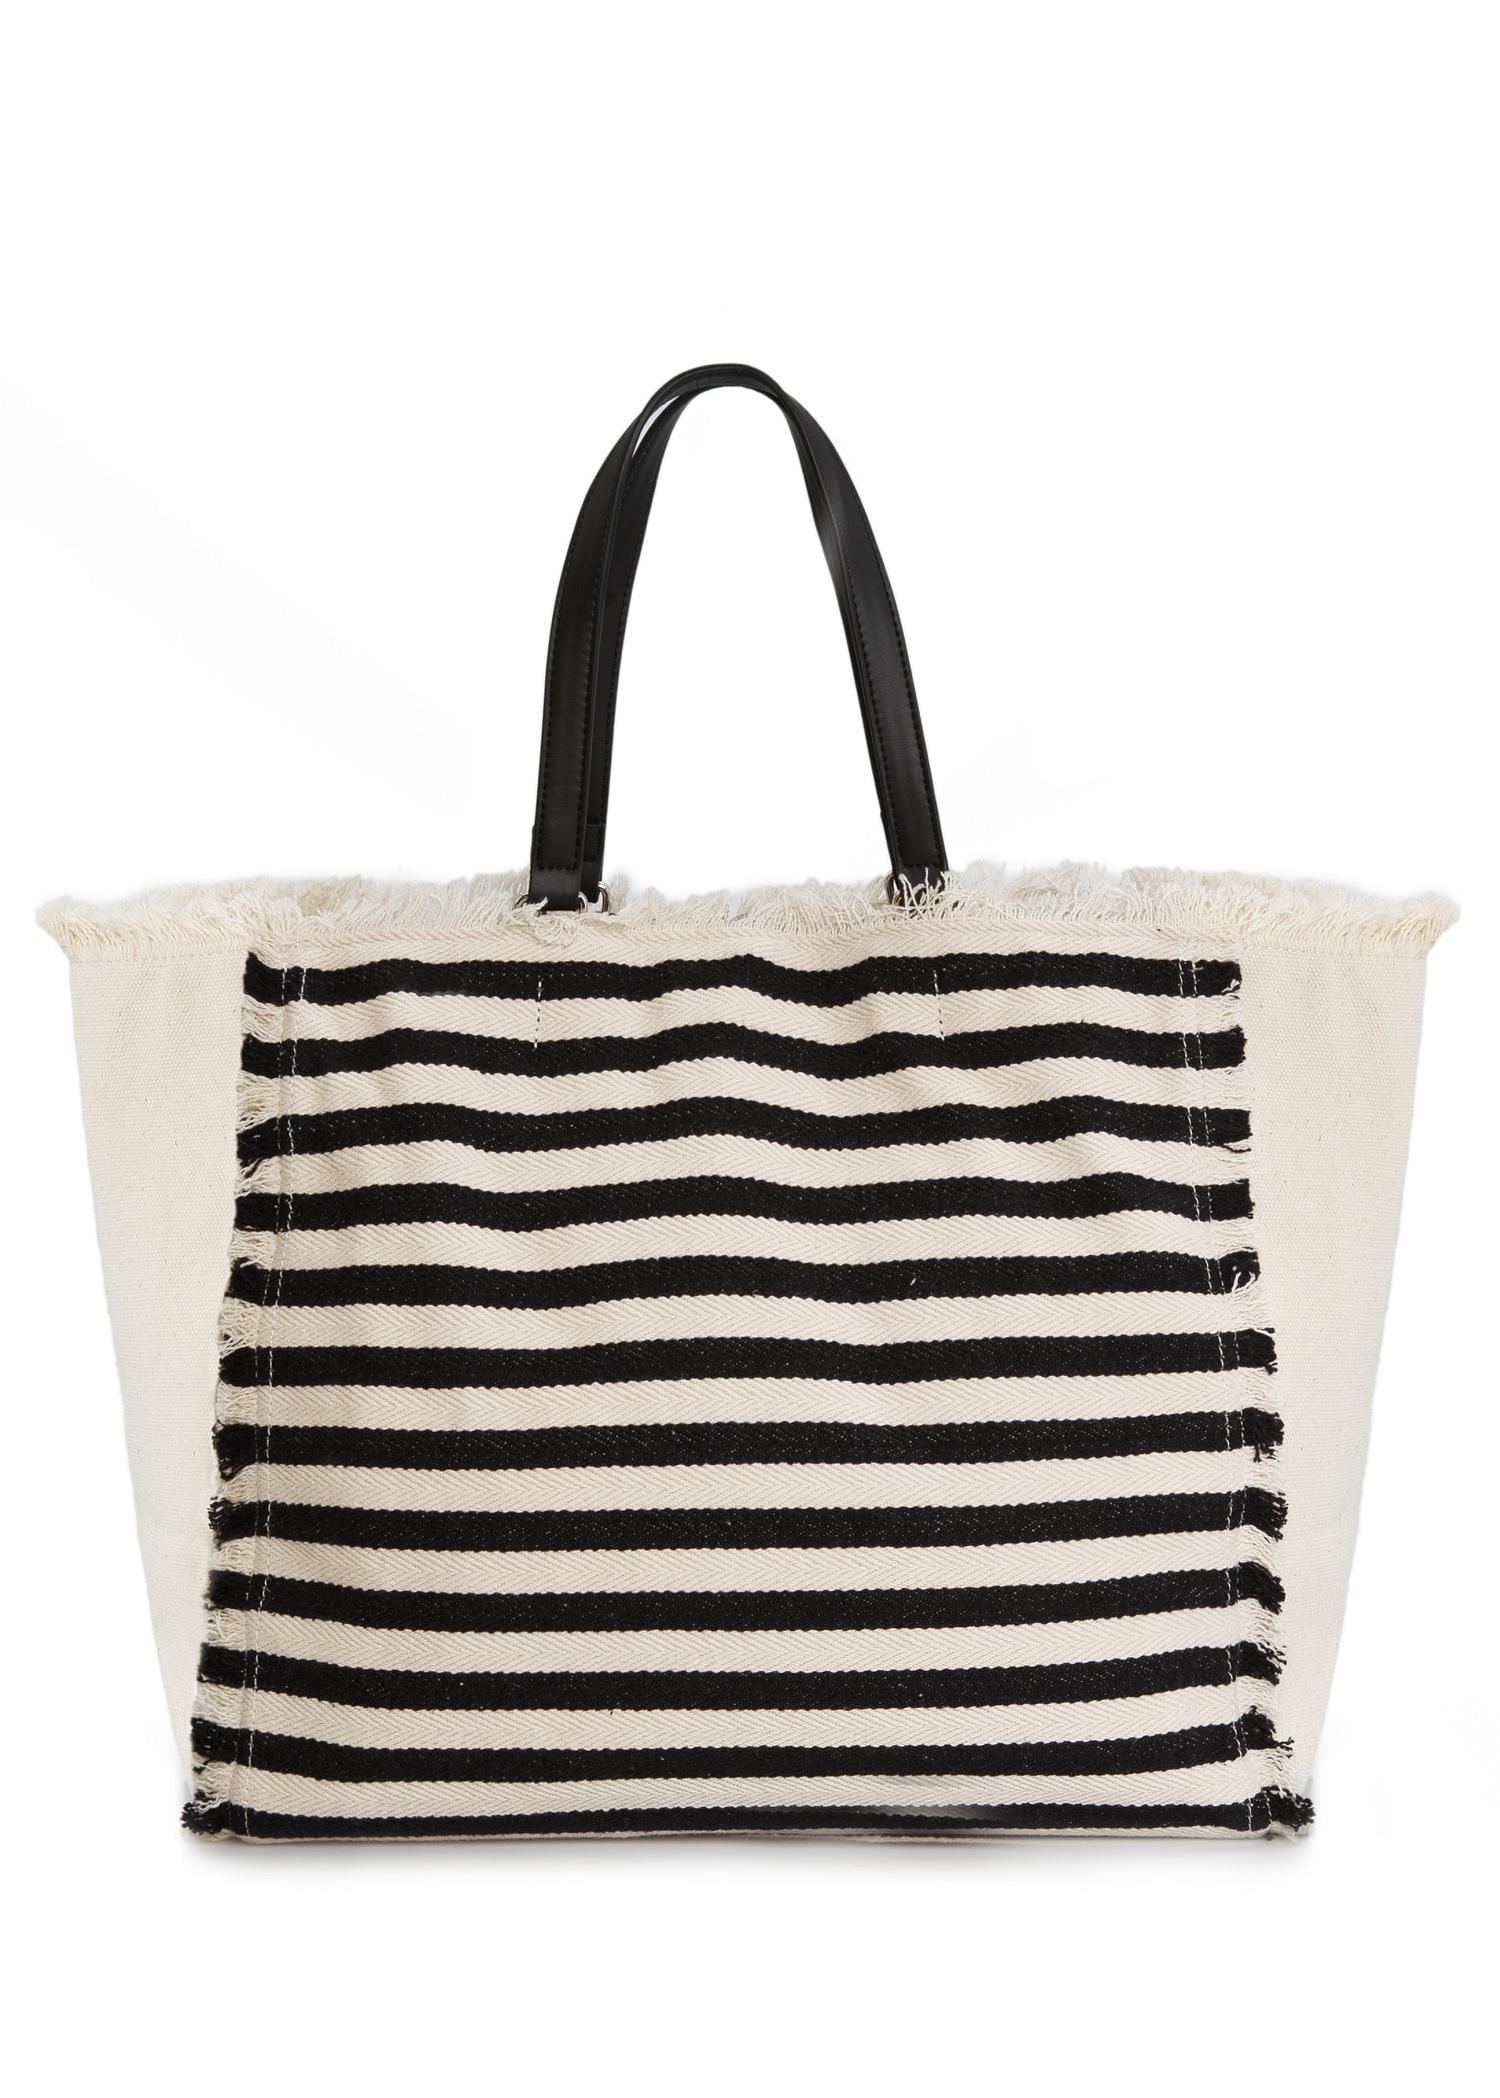 Mango Striped Canvas Bag in Black   Lyst